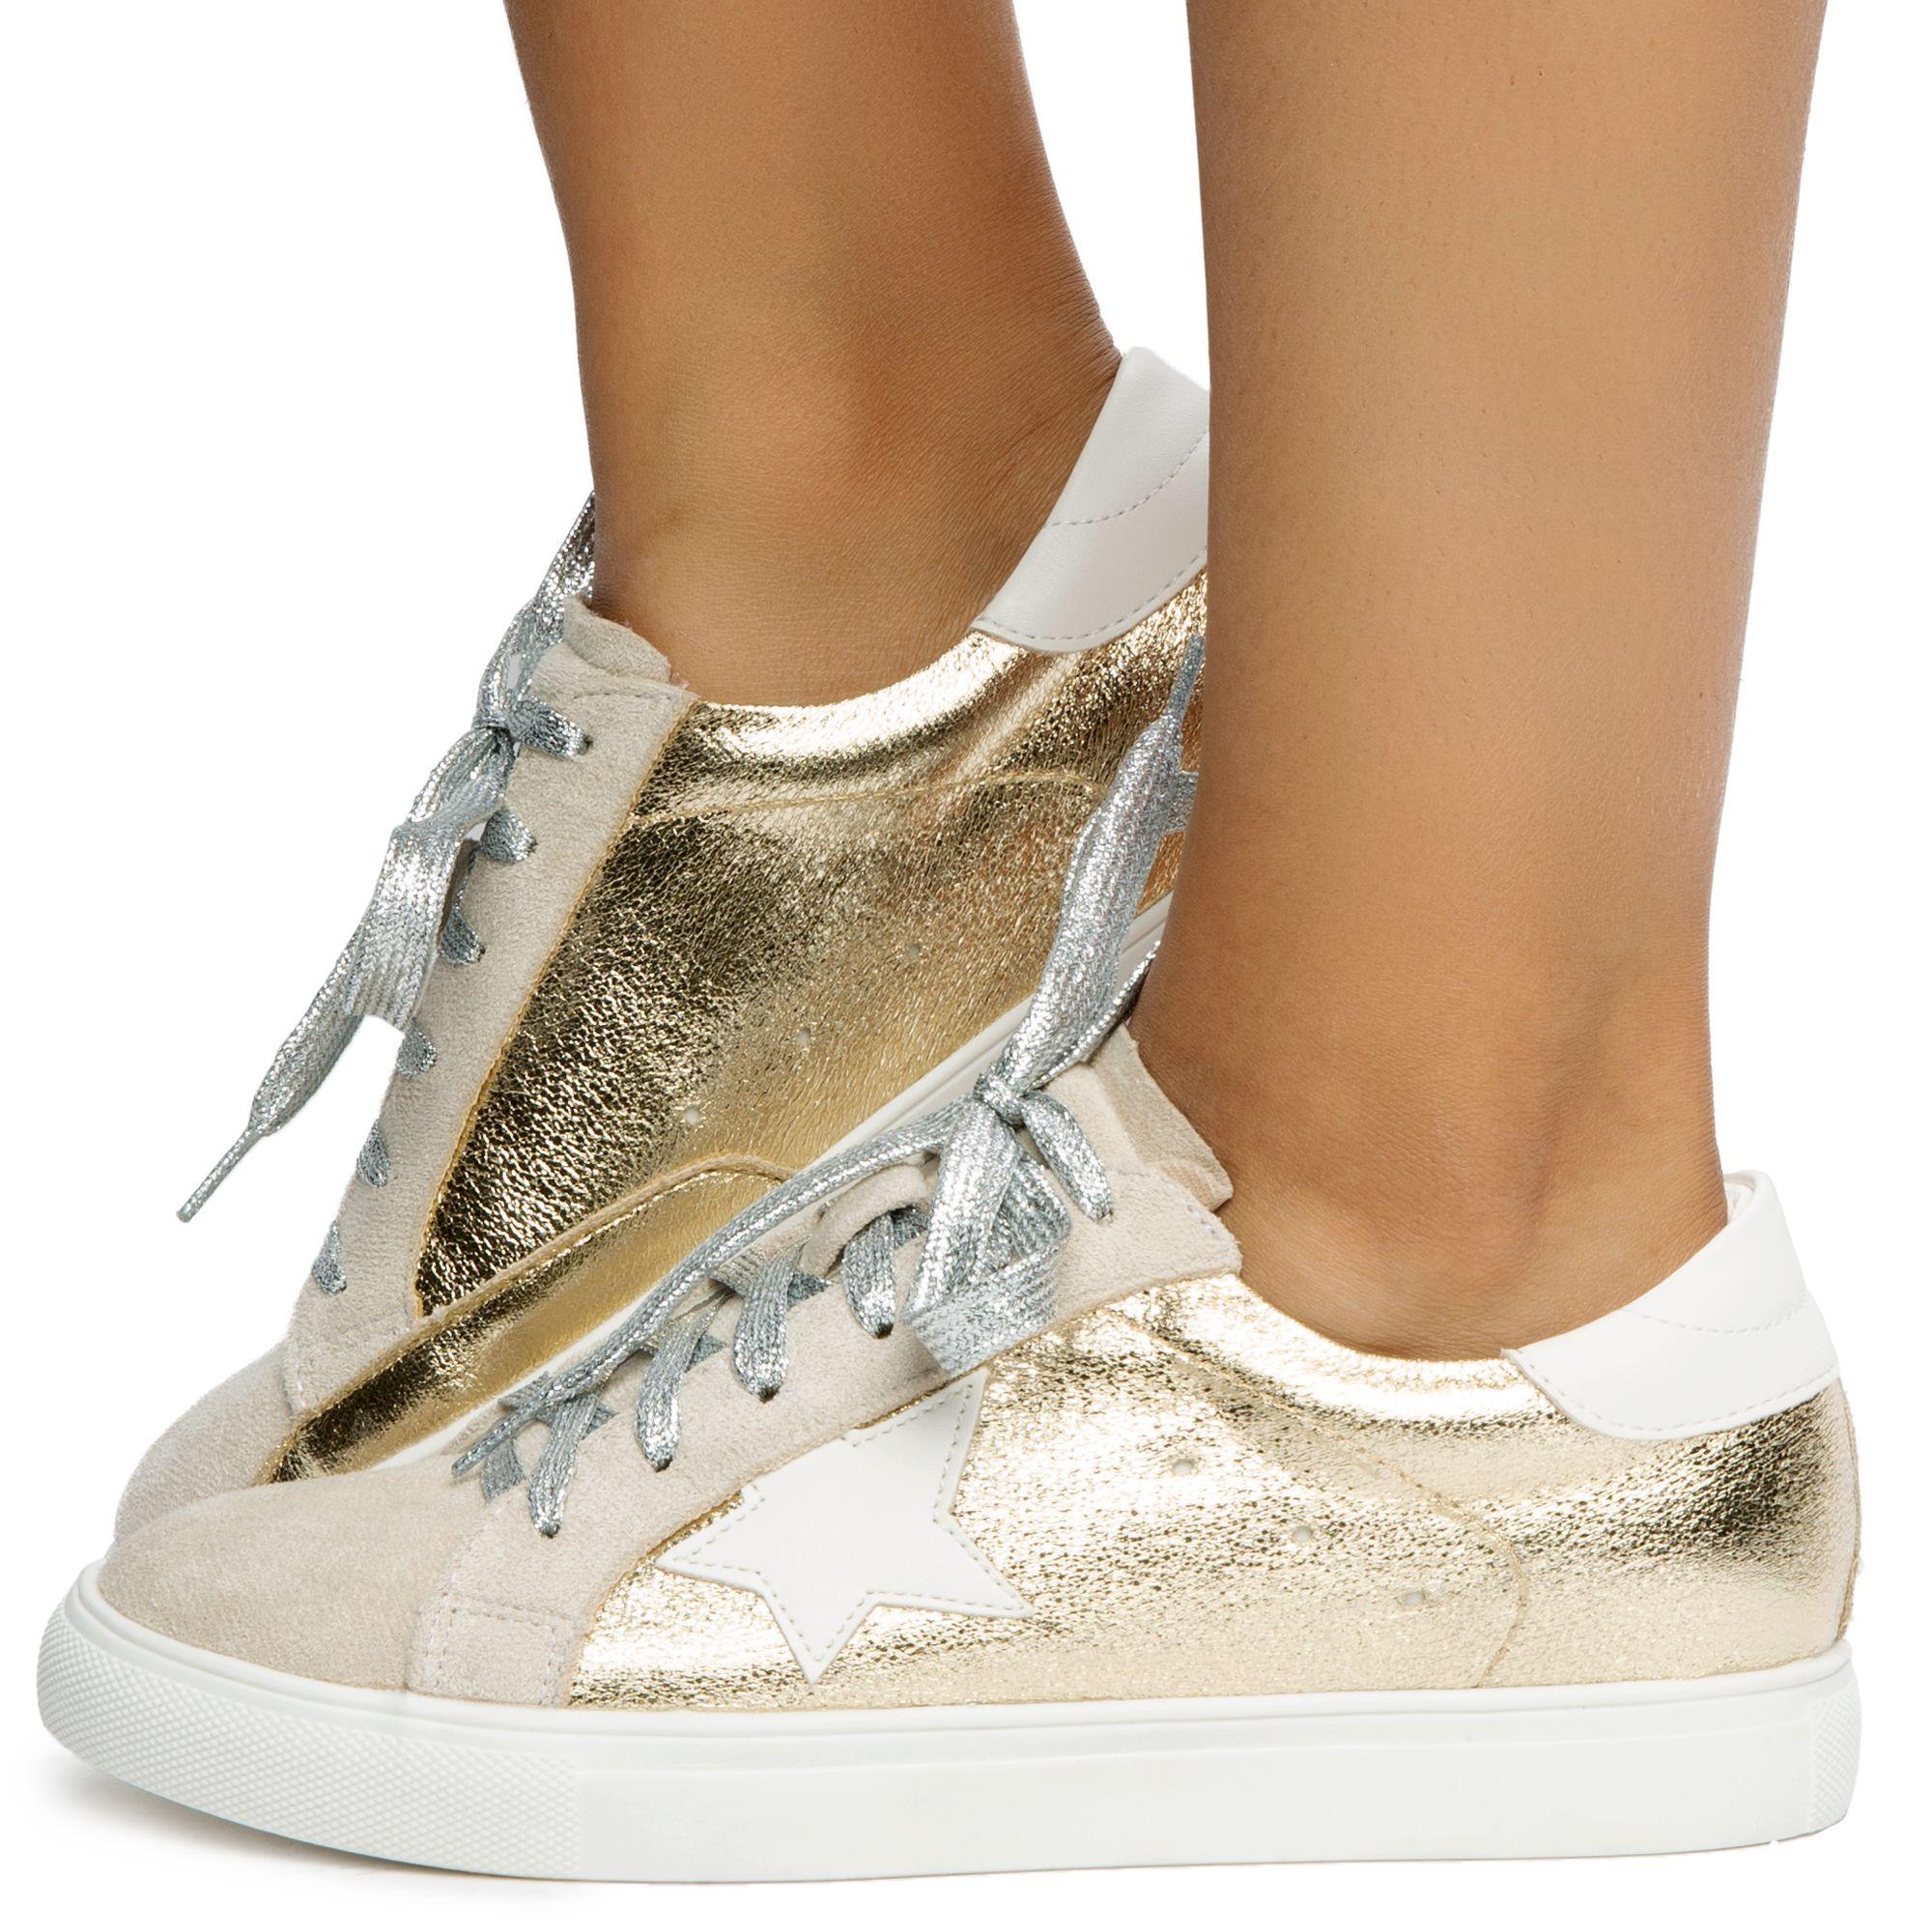 Dale Gold Metallic Sneakers